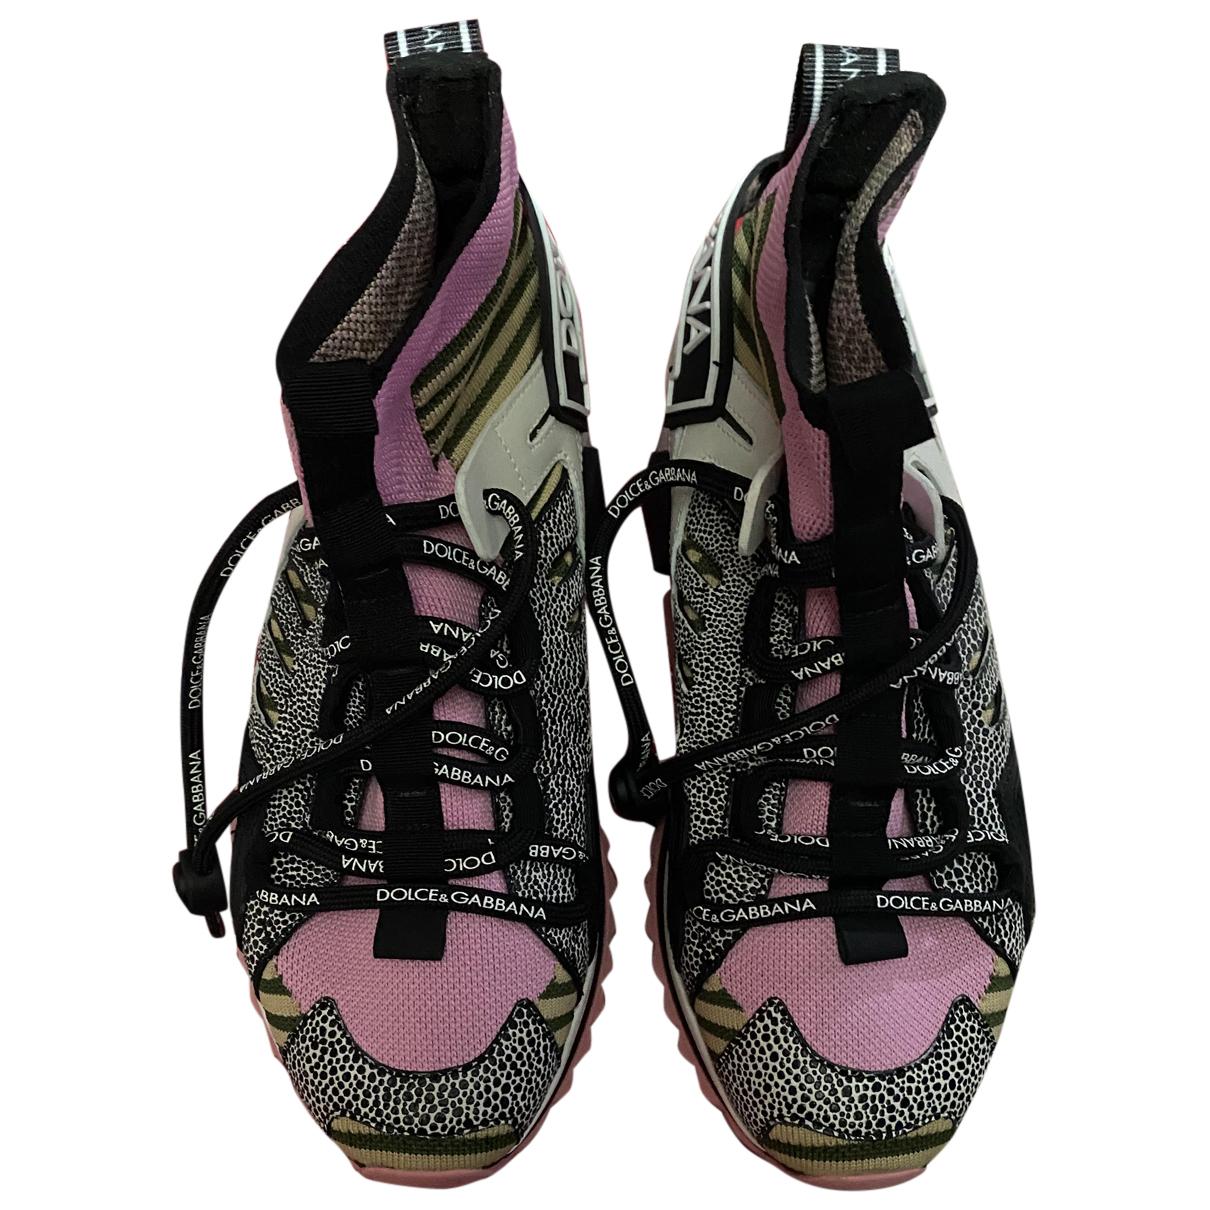 Dolce & Gabbana - Baskets Sorrento pour femme en toile - multicolore